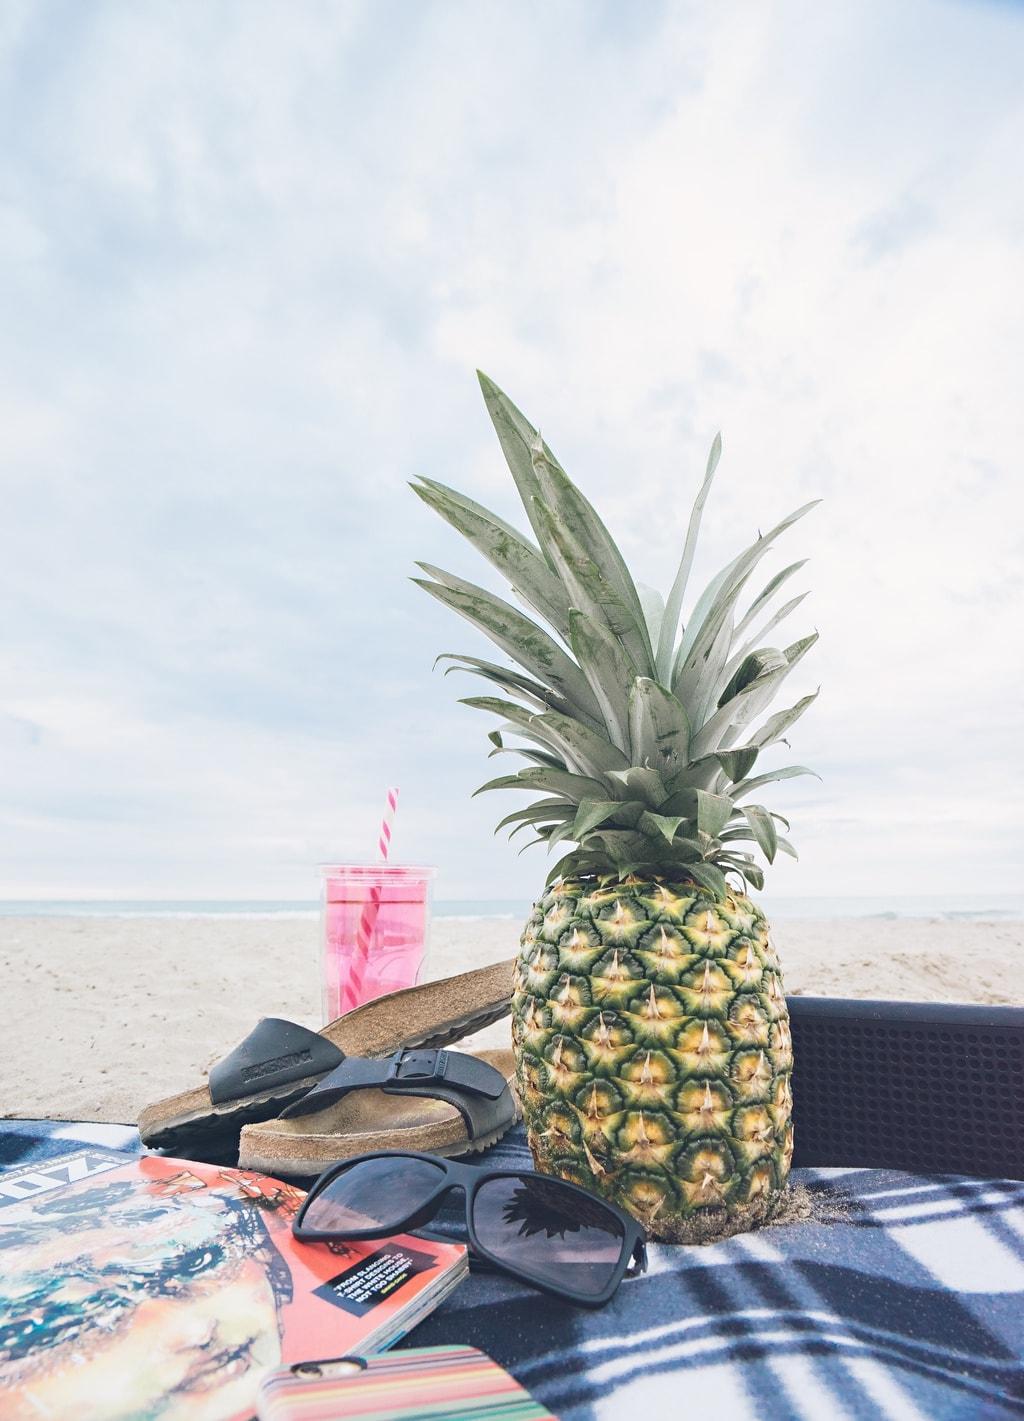 Pineapple on the beach: Summer fun